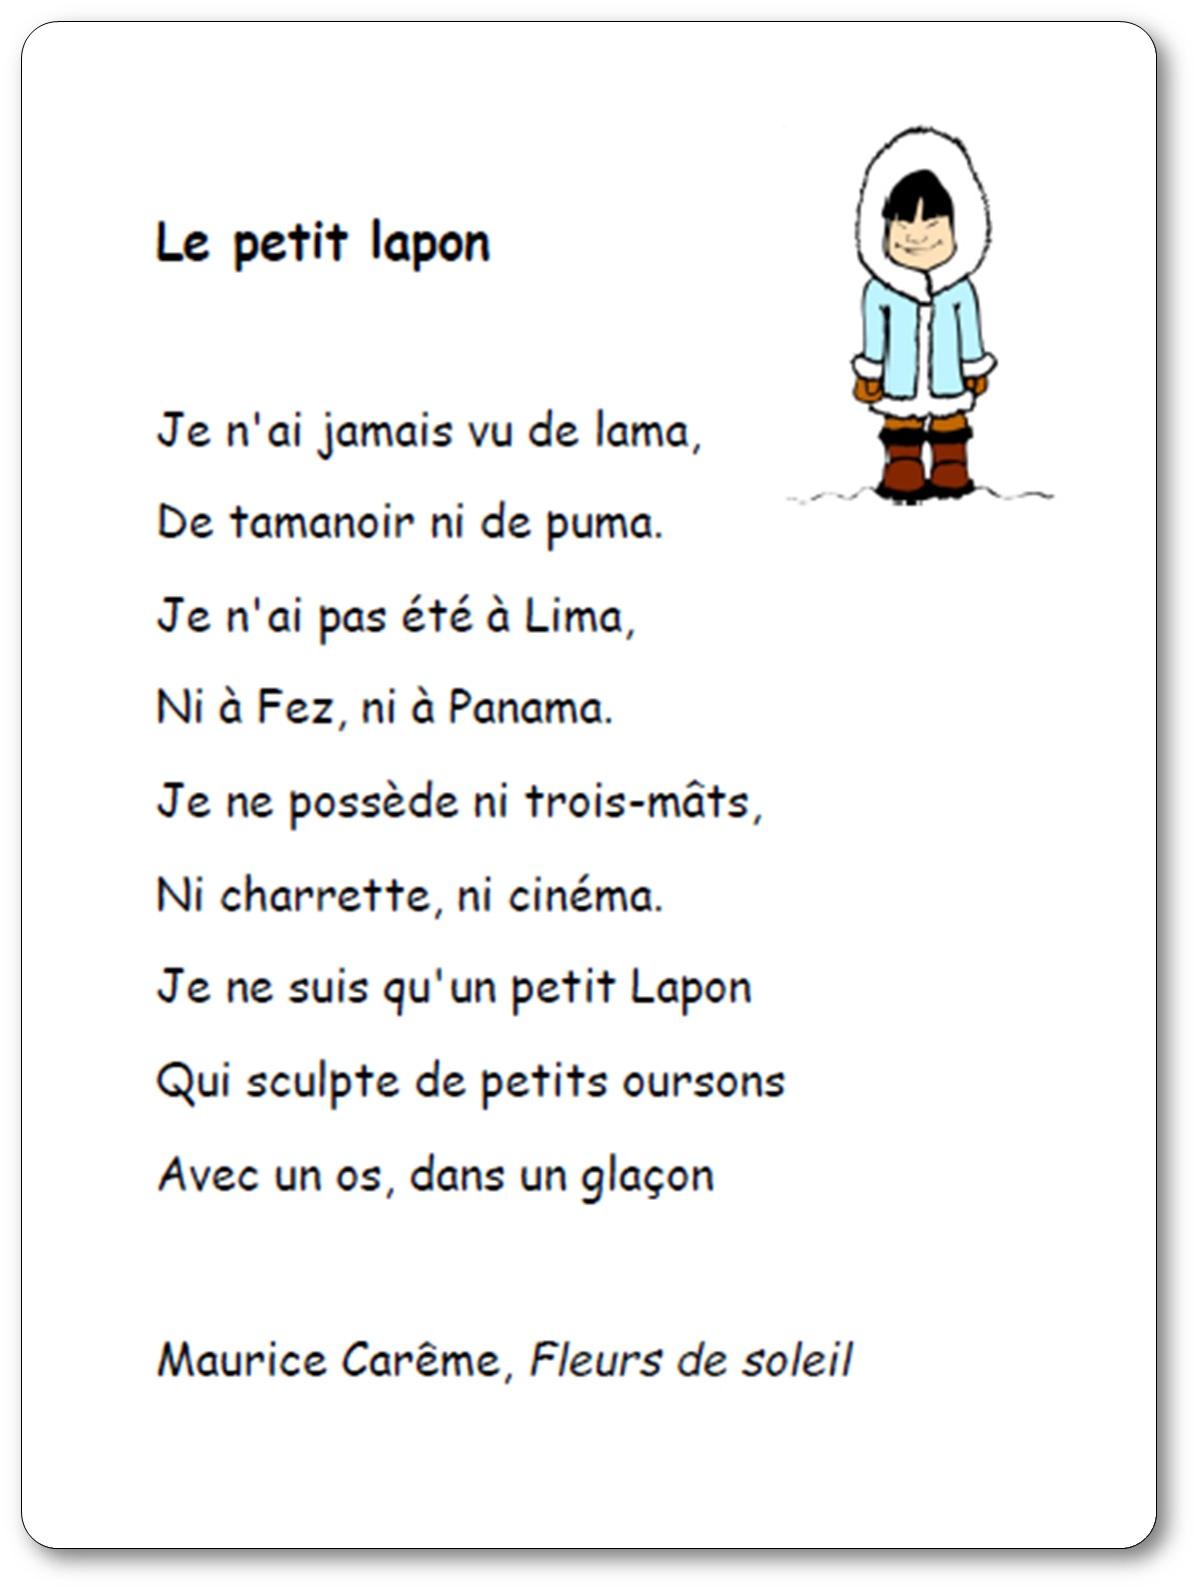 Poésie Le Petit Lapon De Maurice Carême Le Petit Lapon